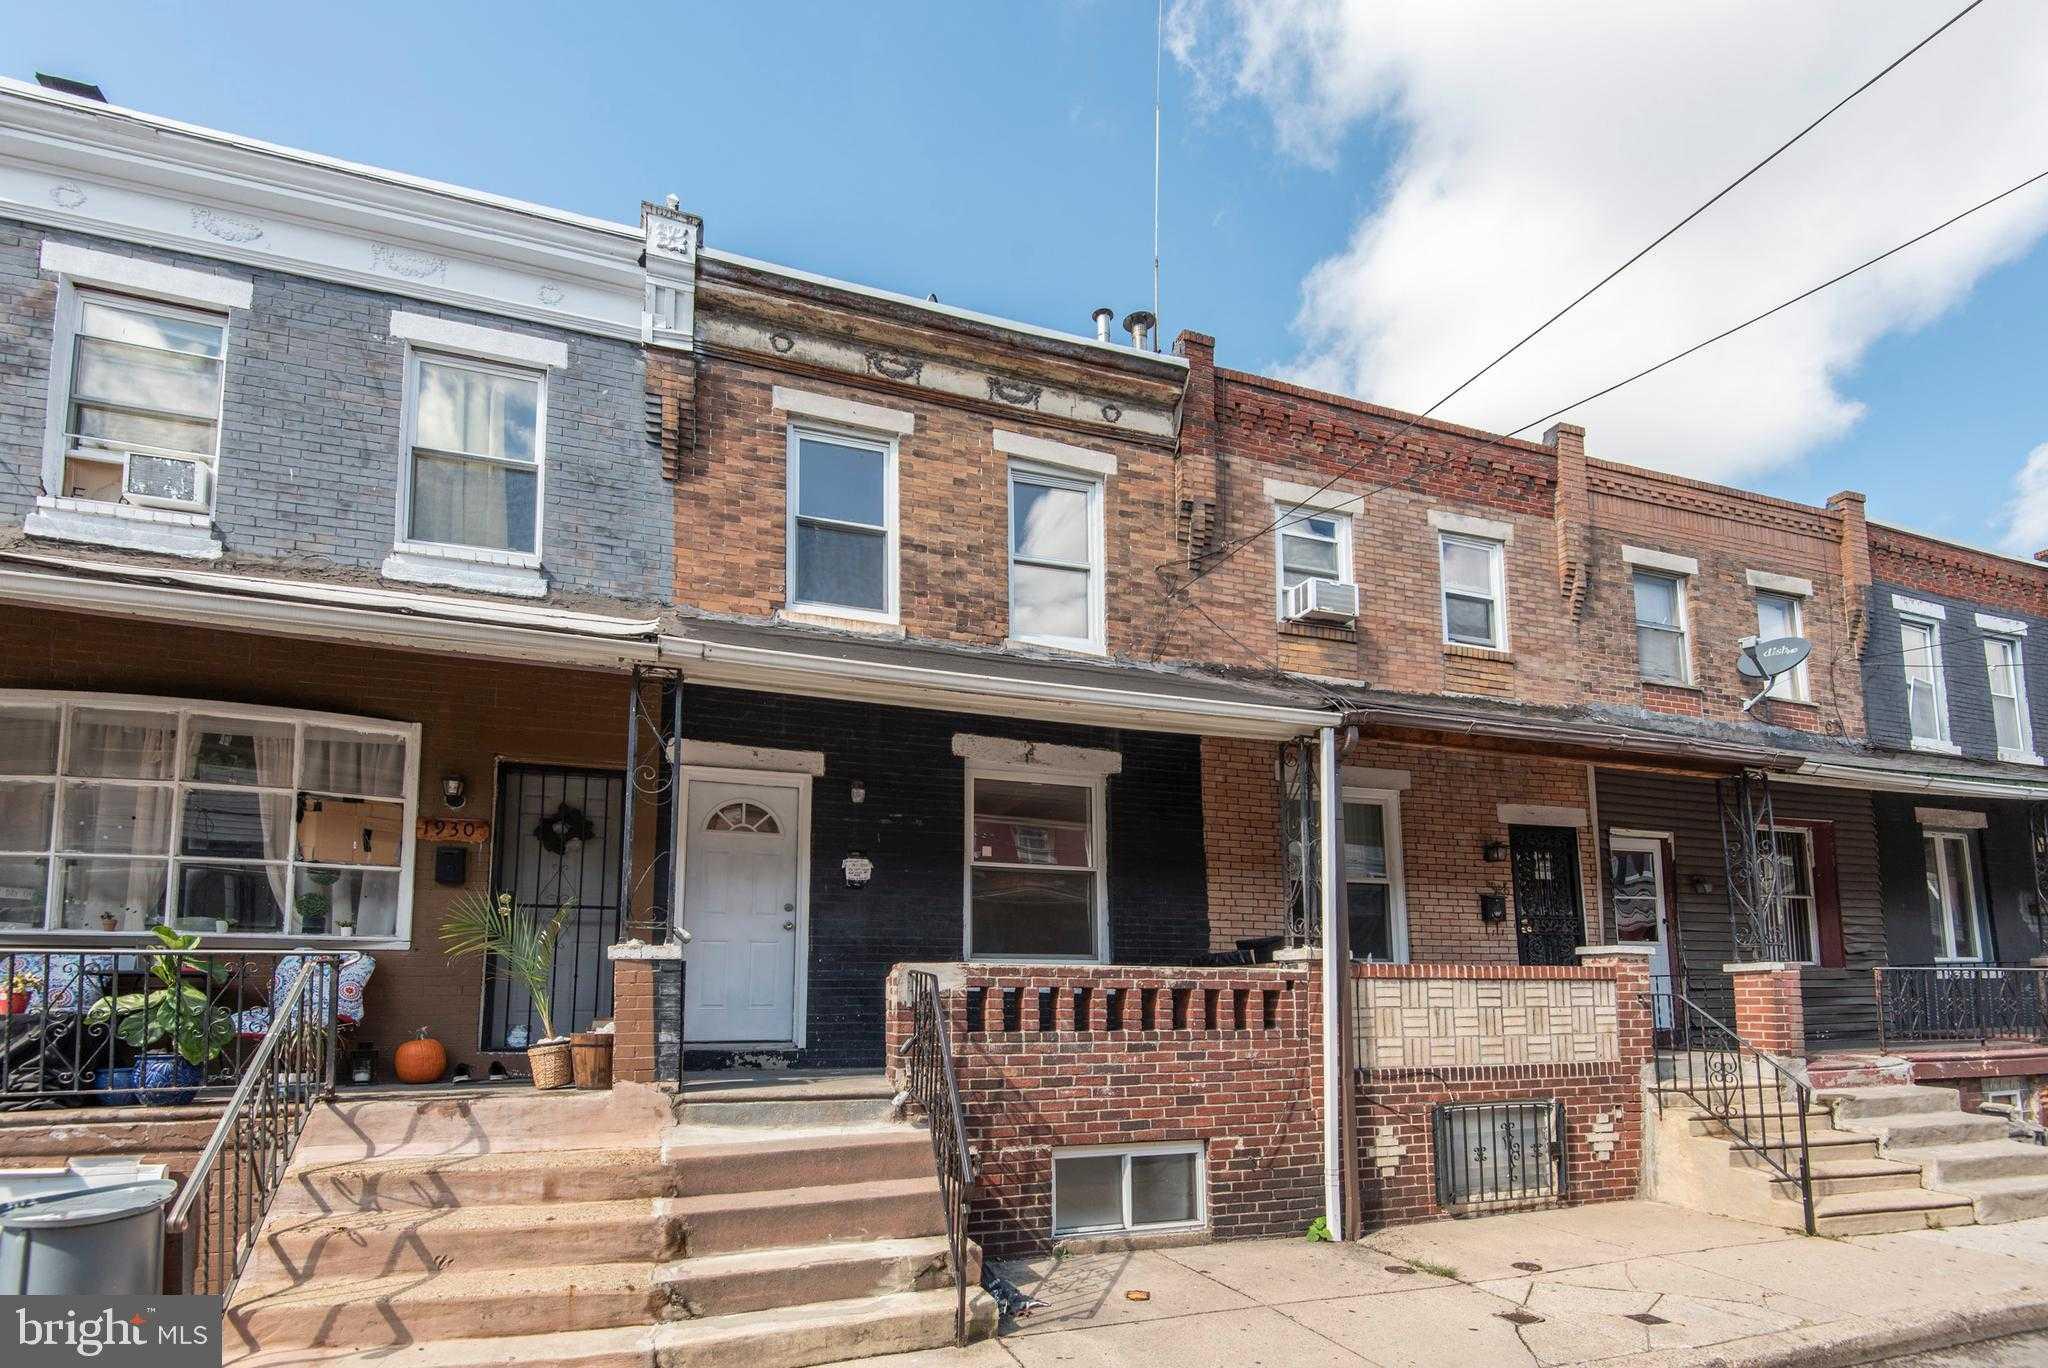 $184,900 - 3Br/2Ba -  for Sale in Phila (south), Philadelphia